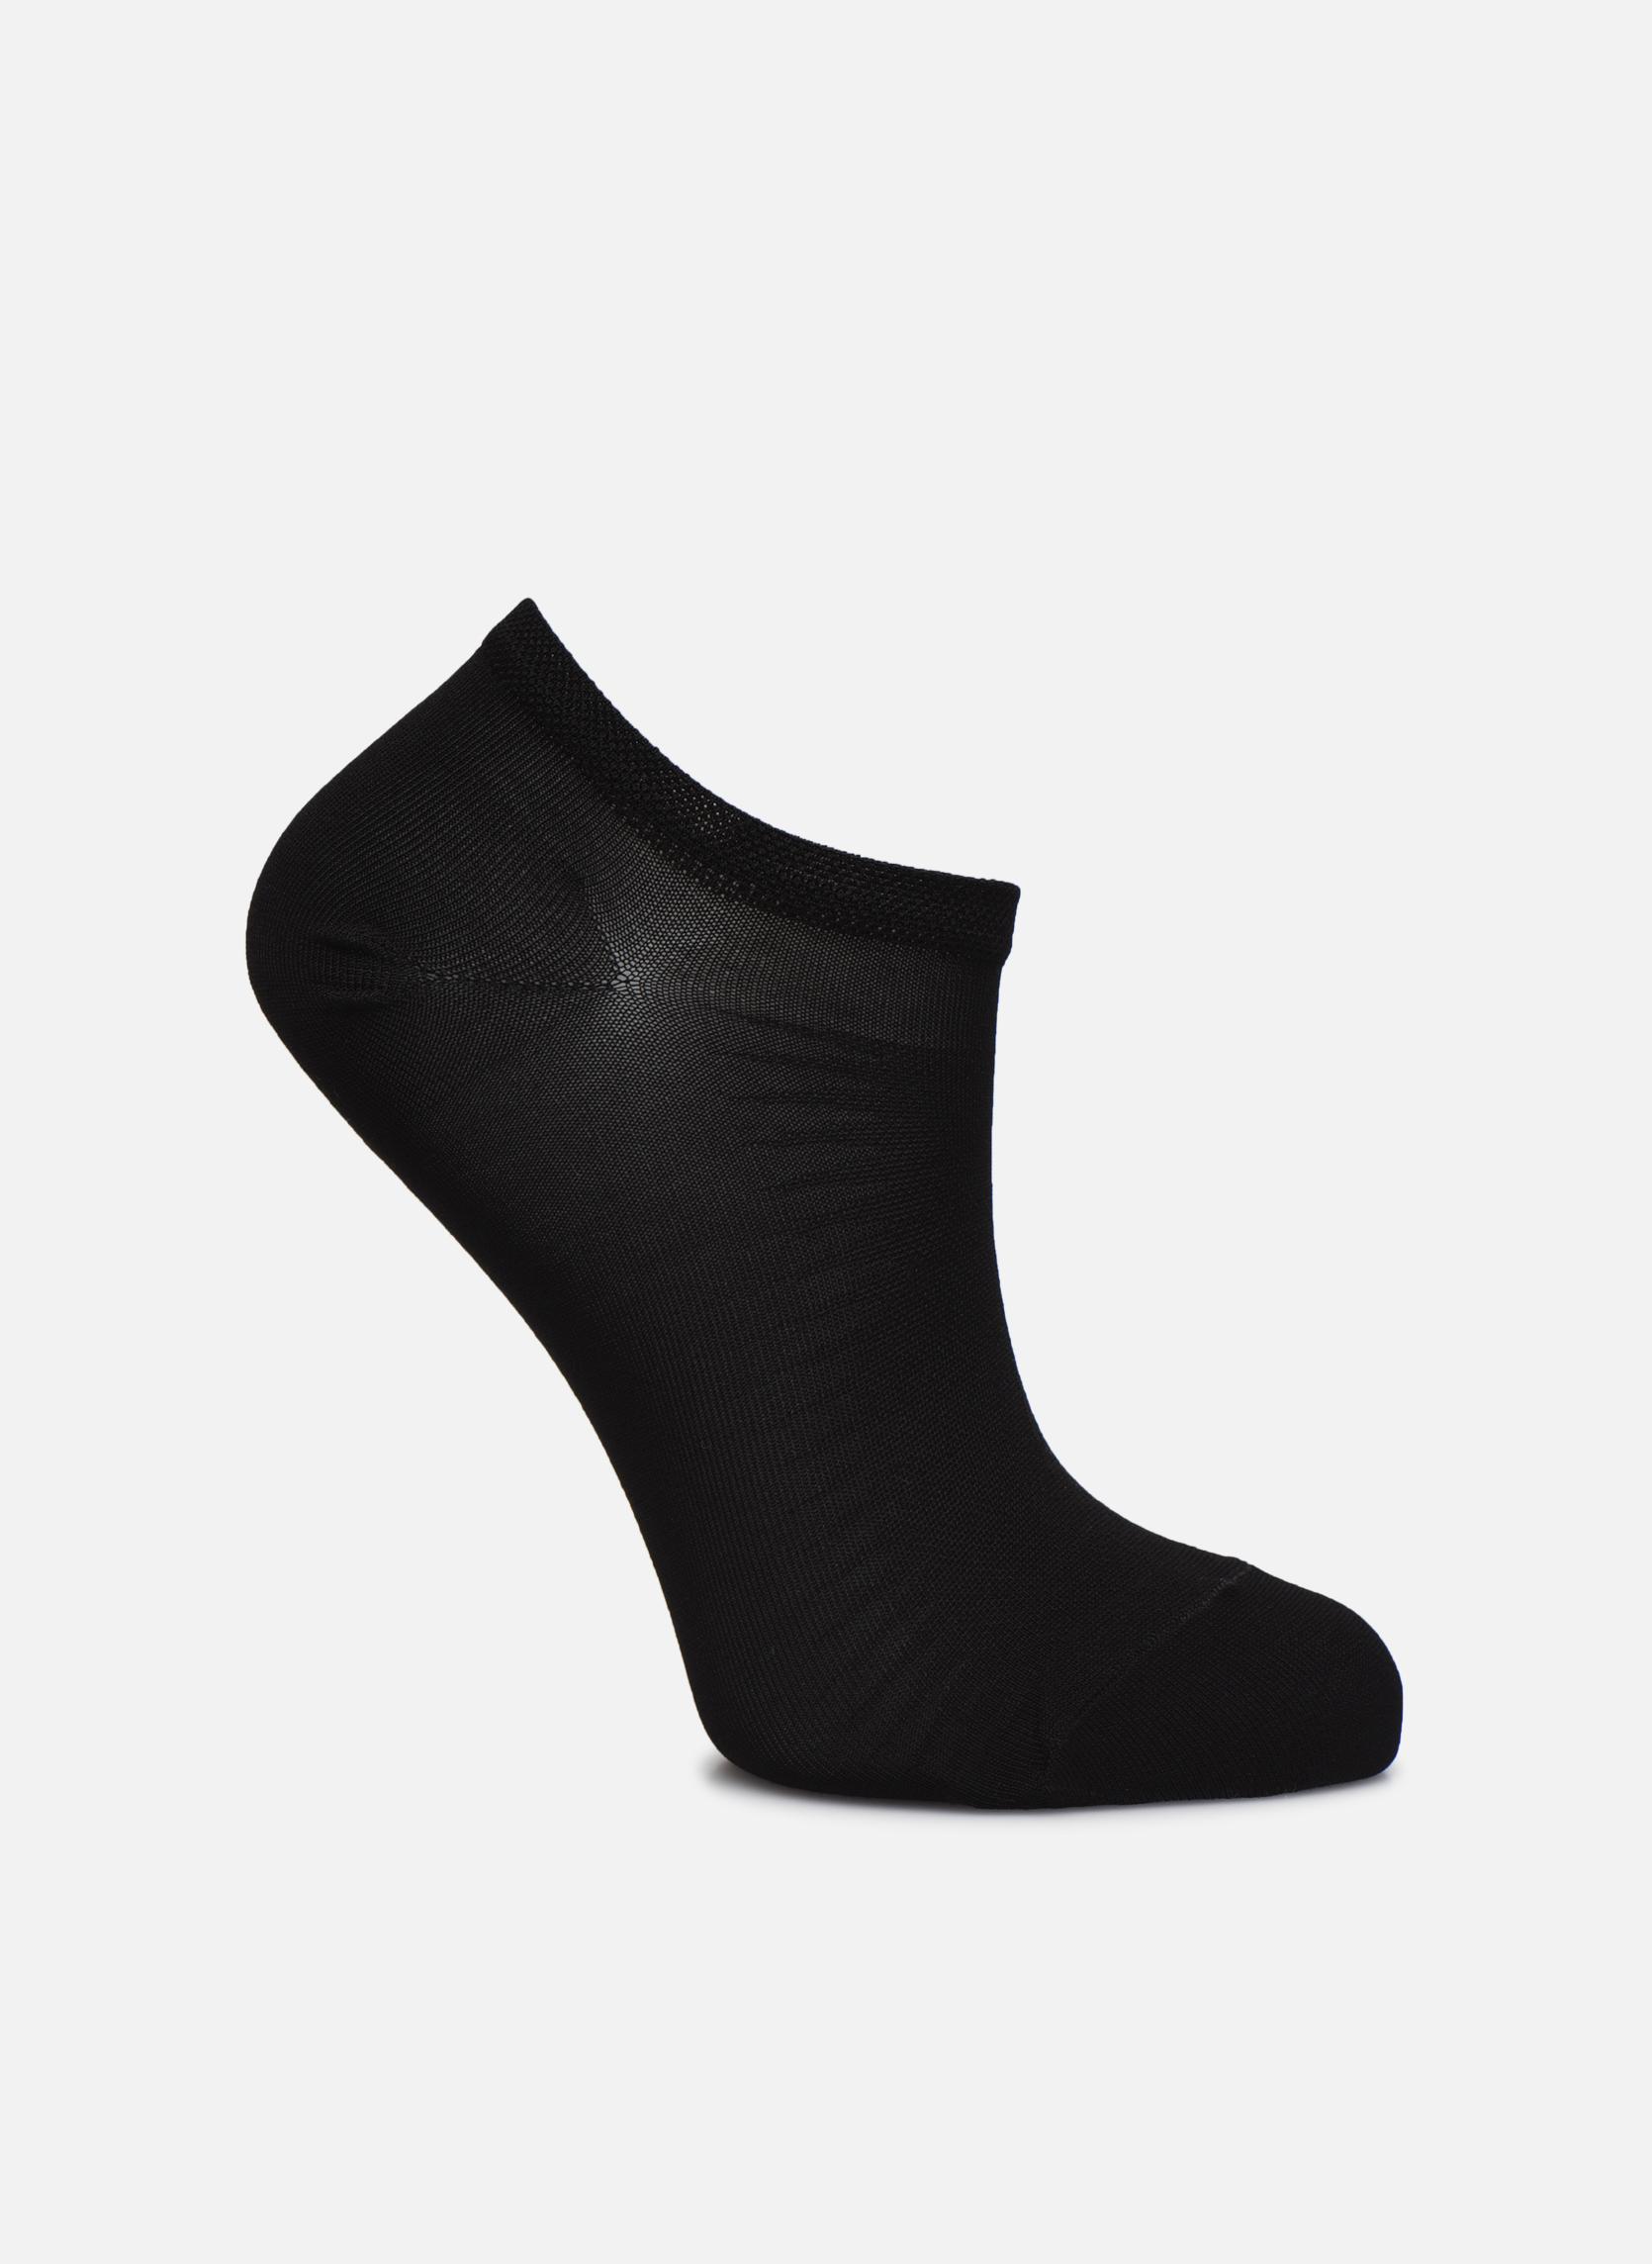 Mini-Socquettes F.ECOSSE Noir AR5